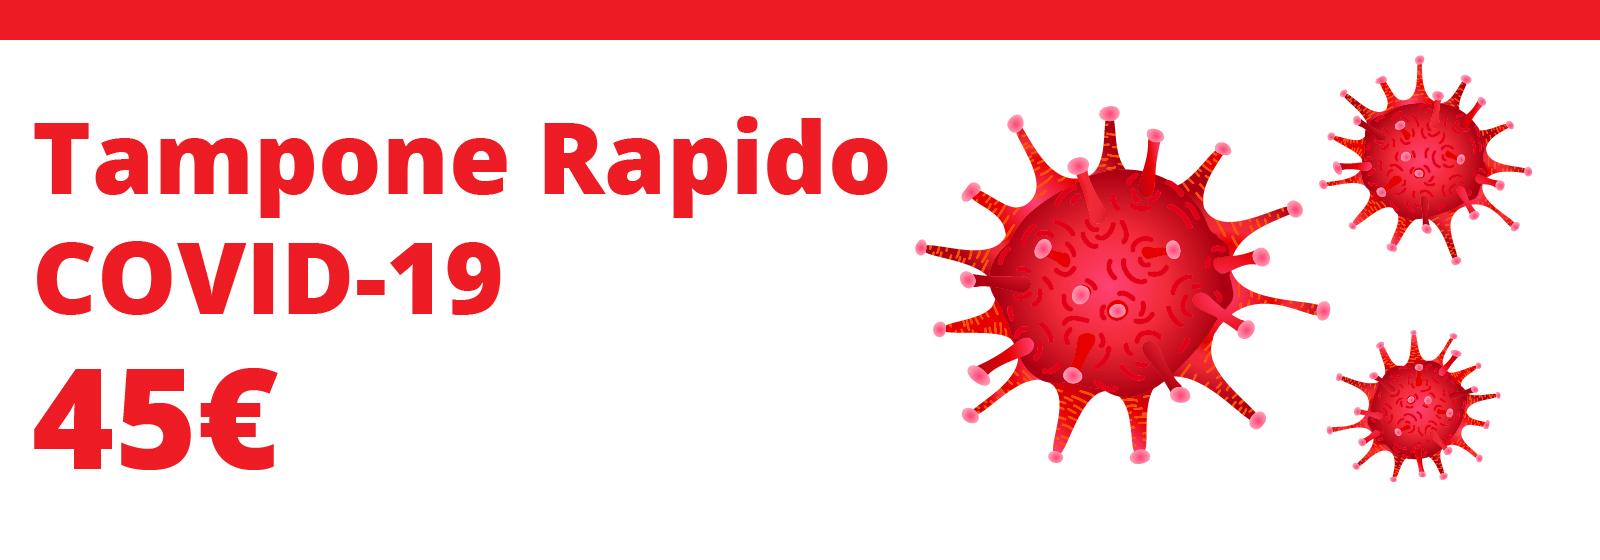 tampone rapido covid-19 progetto salute clinica forlimpopopli 02